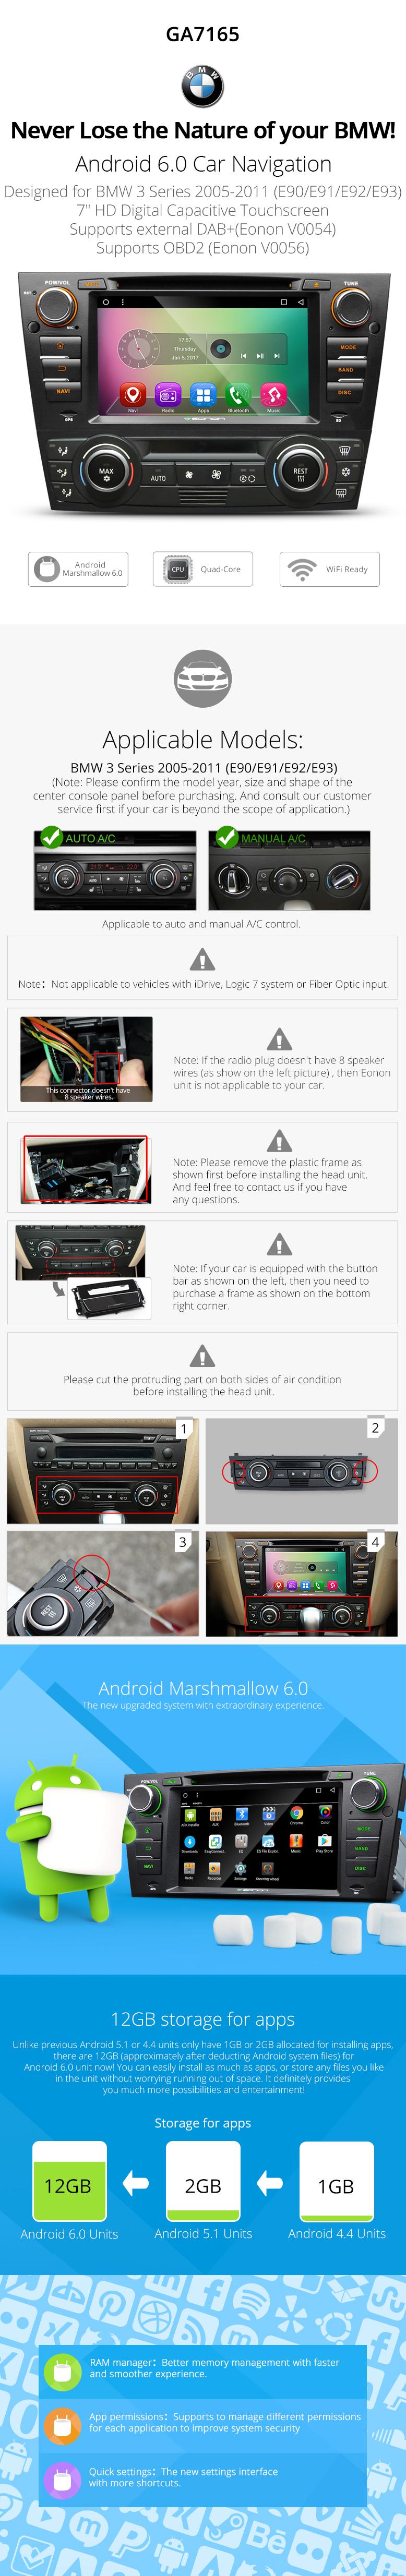 src=http://www.eonon.com/upload/product/Gallery/GA7165/GA7165